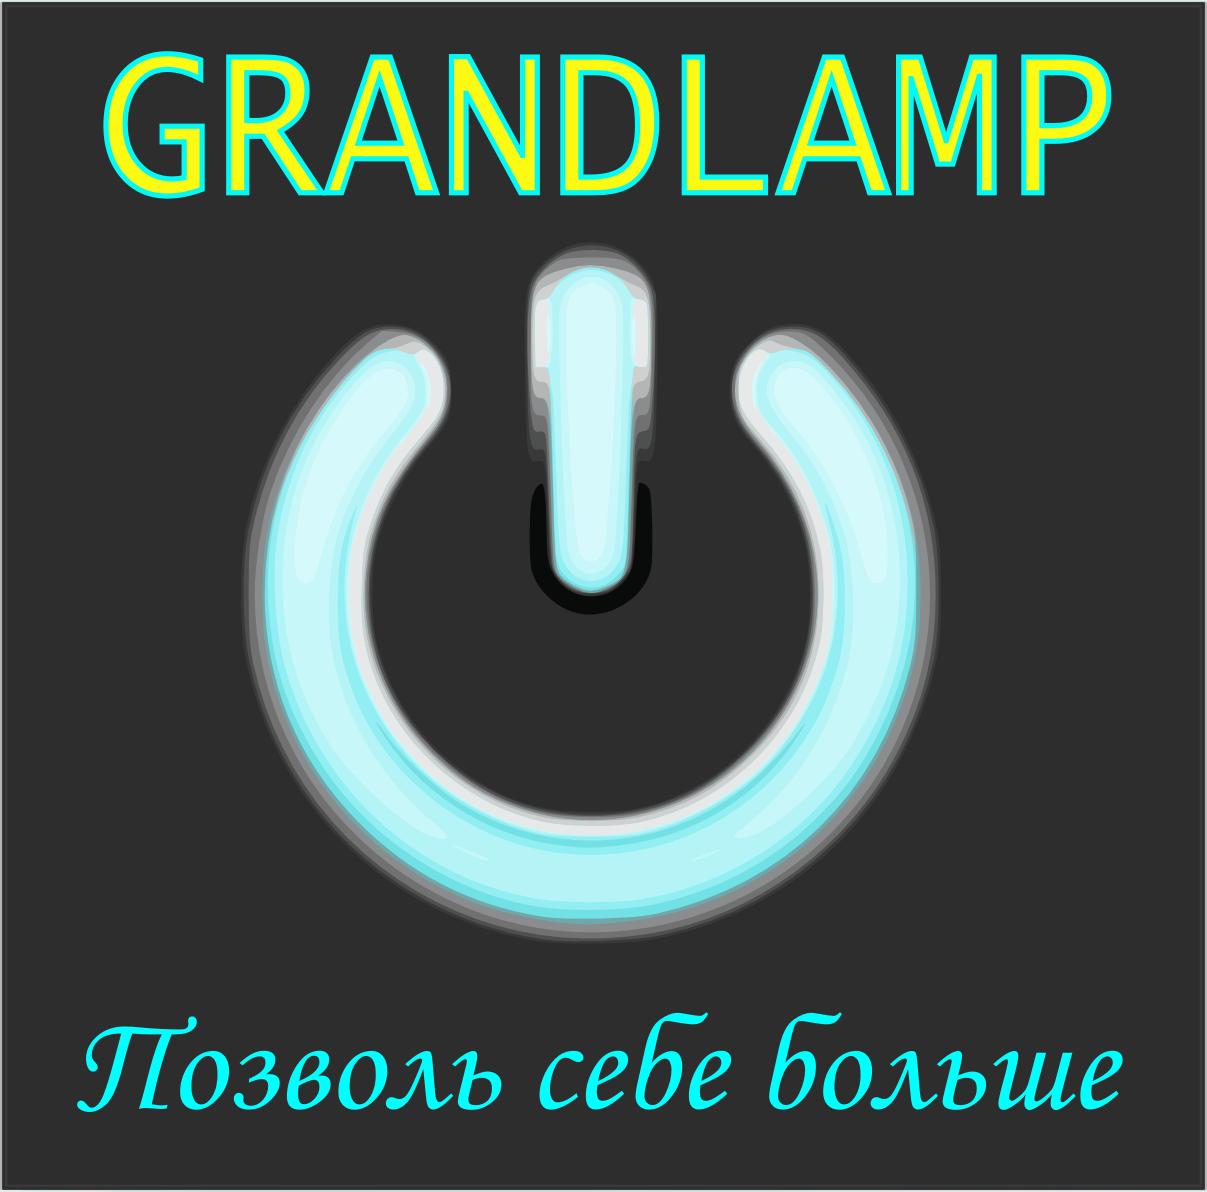 Разработка логотипа и элементов фирменного стиля фото f_02657e40767ded7f.png